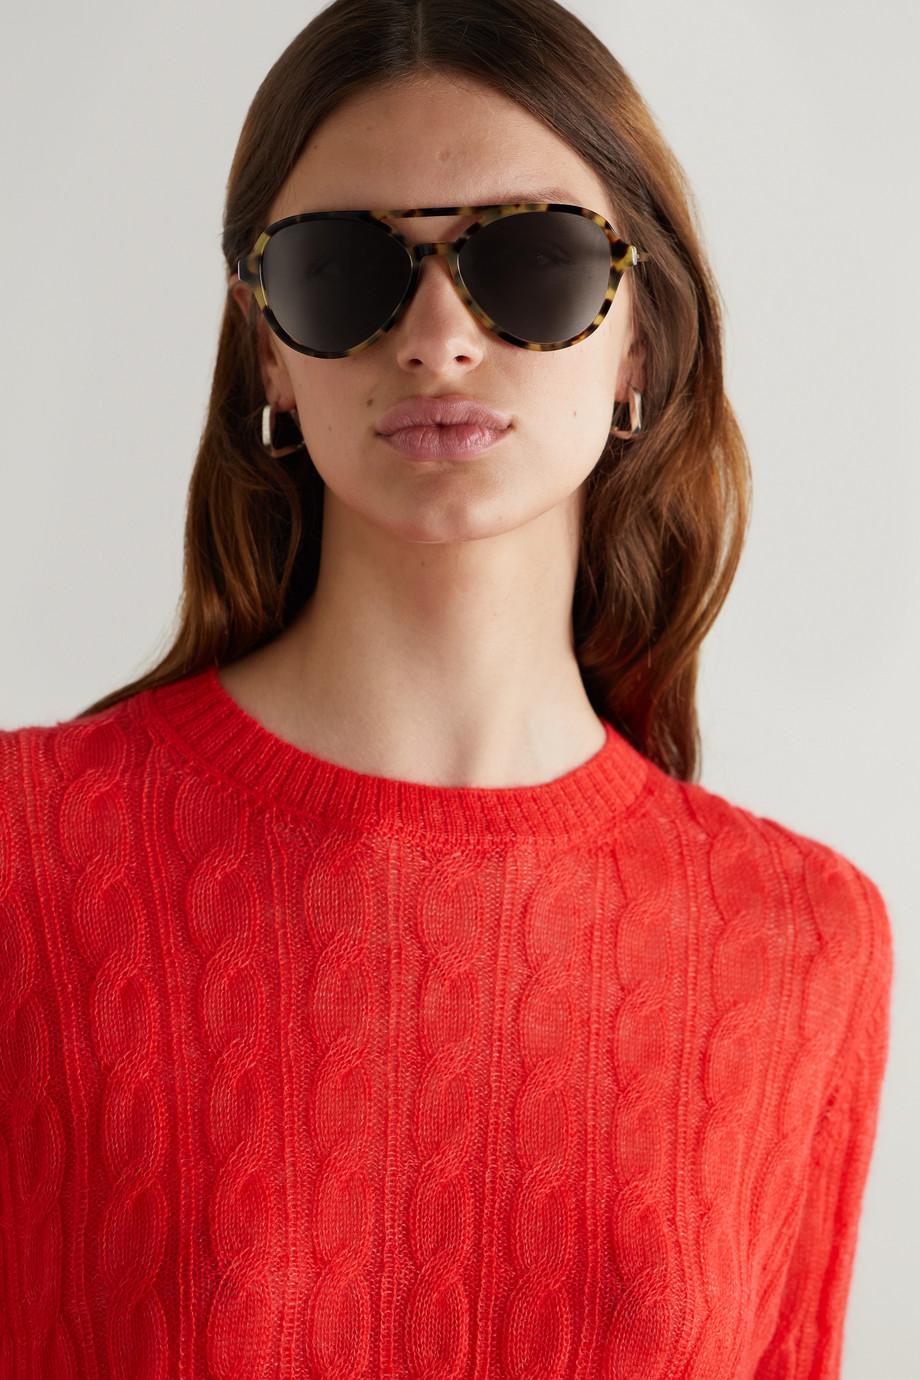 Prada Eyewear Lunettes de soleil aviateur en acétate effet écaille et en métal doré